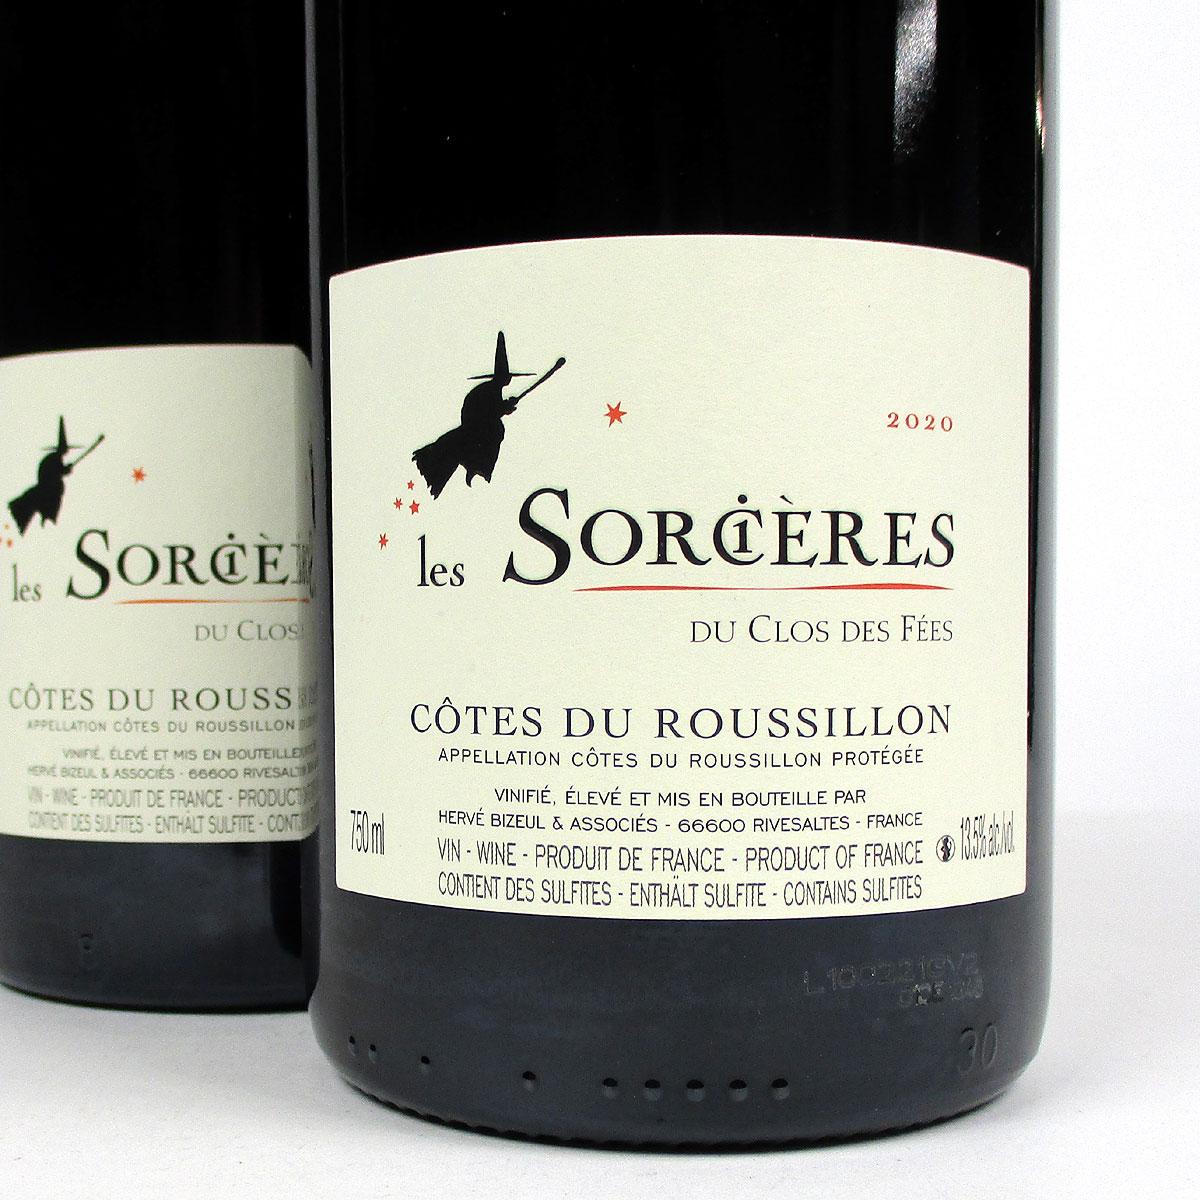 Côtes du Roussillon: Les Sorcières du Clos des Fées Rouge 2020